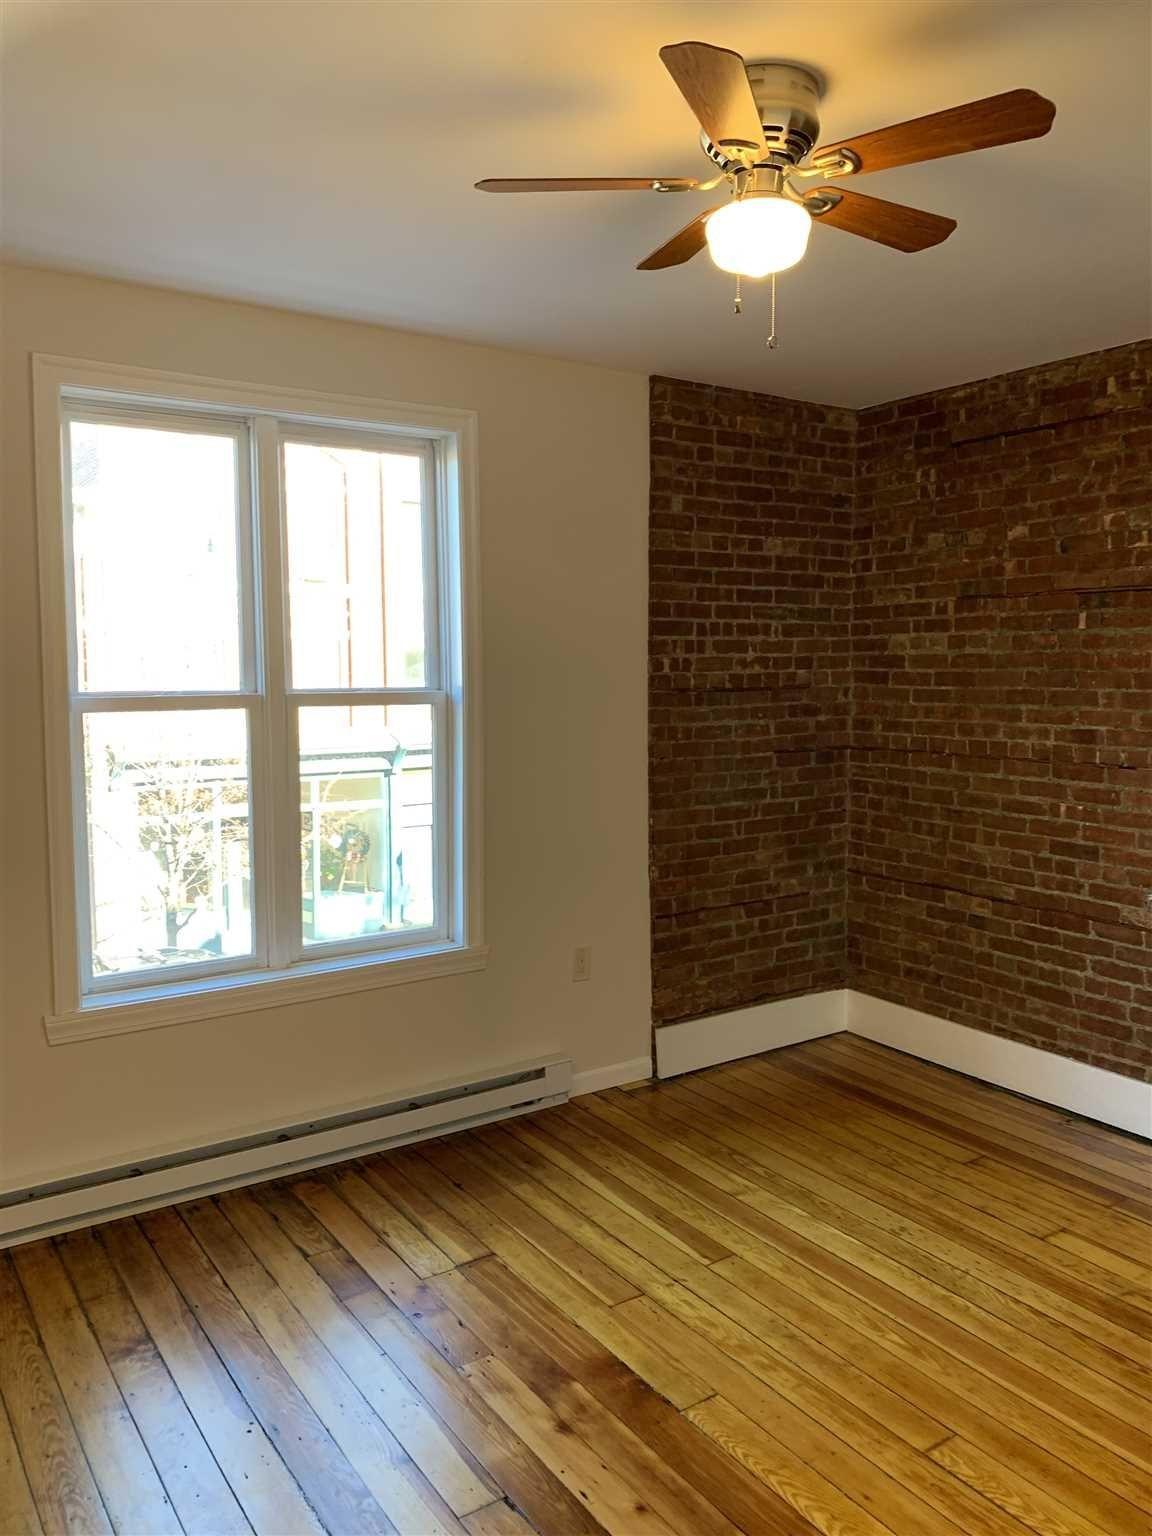 173 MAIN ST BEACON NY 12508 1 BED 1 BATH SINGLE FAMILY HOME FOR RENT MLS 387413 6 PHOTOS TRULIA